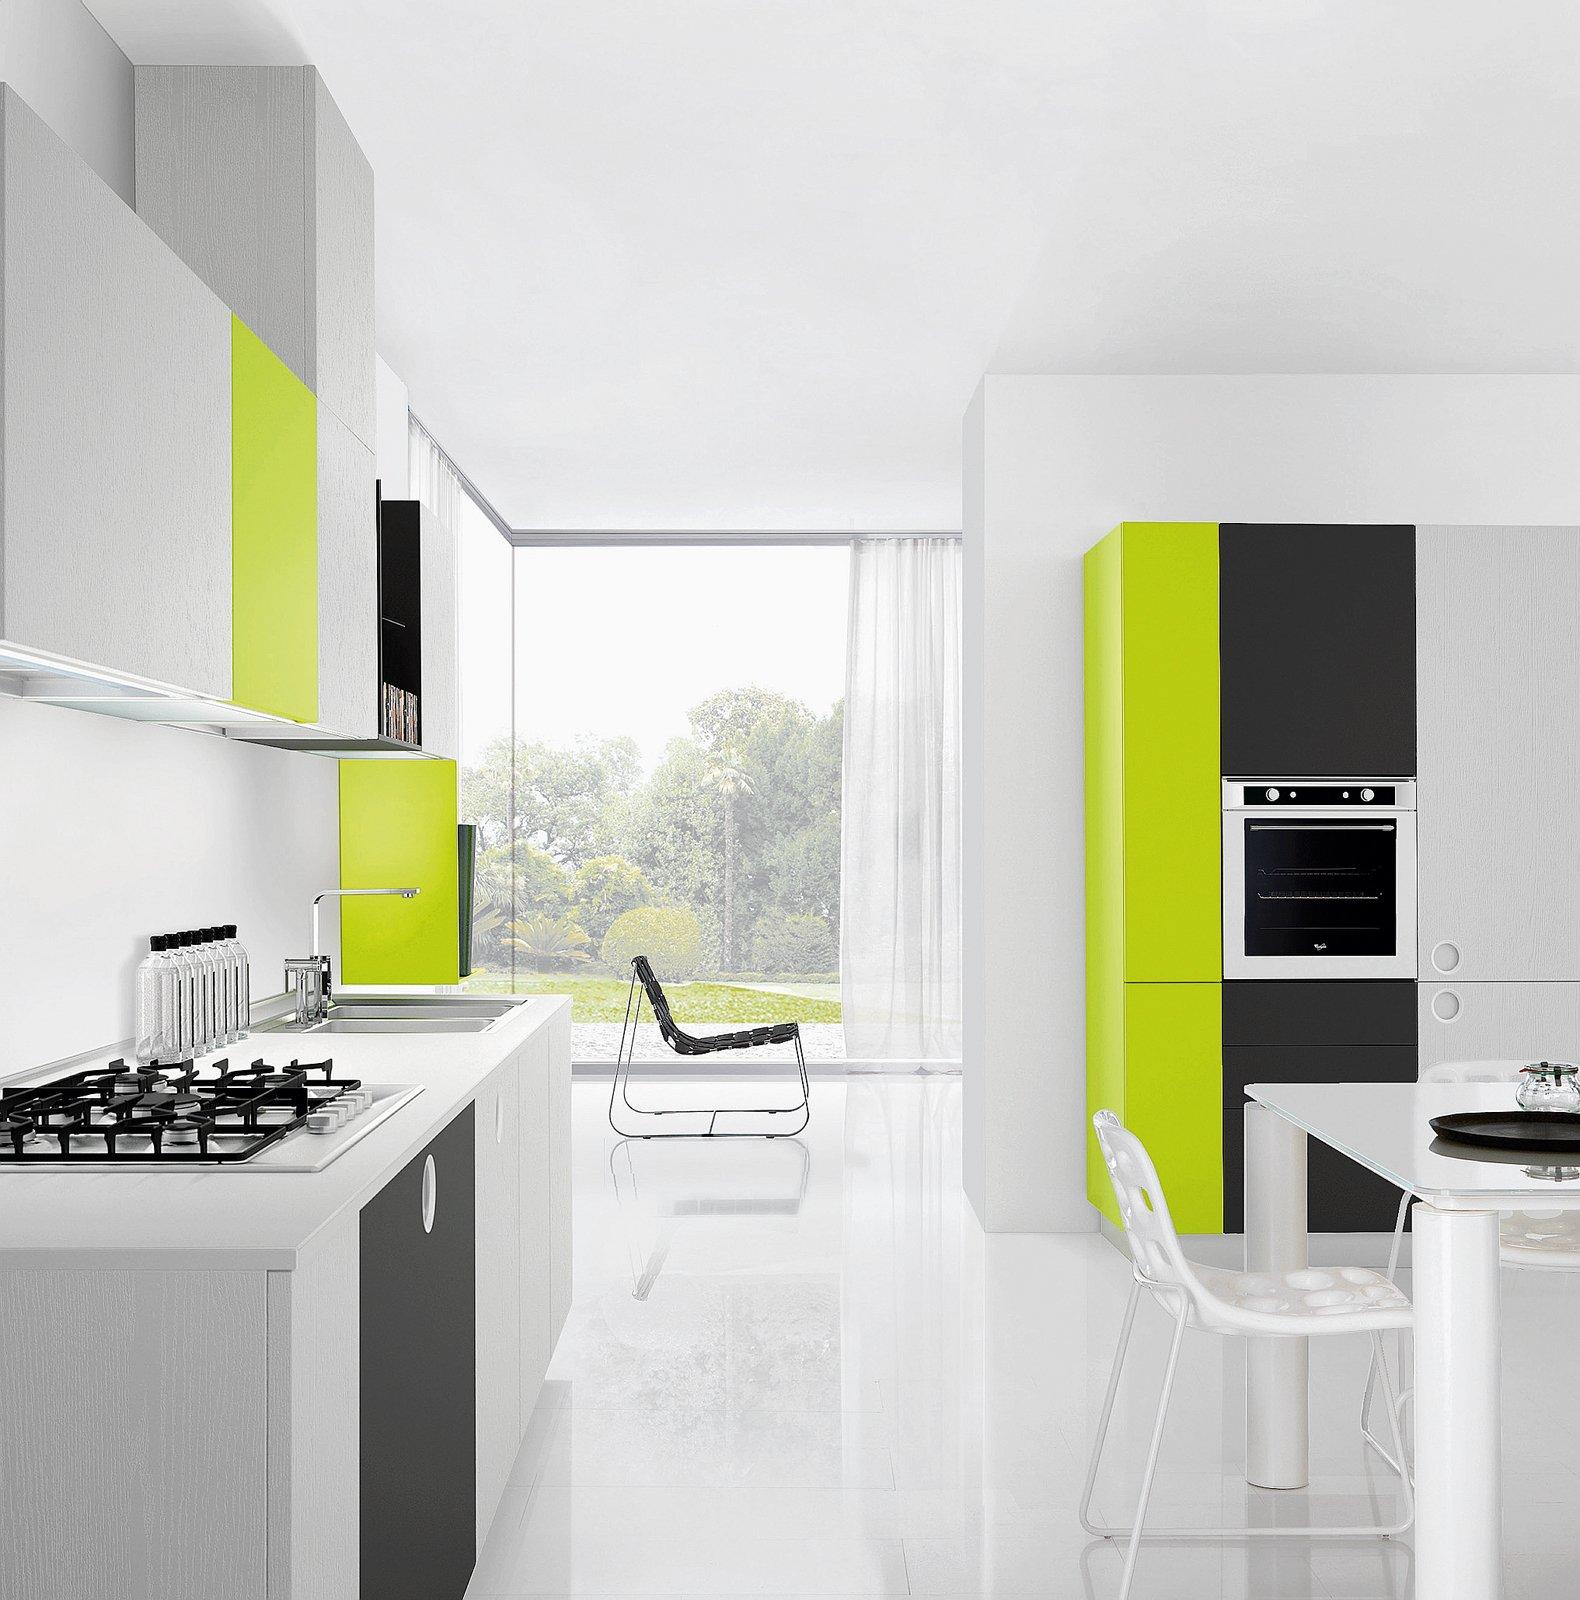 La cucina colorata un guizzo di vitalit cose di casa - Colore muri cucina ...